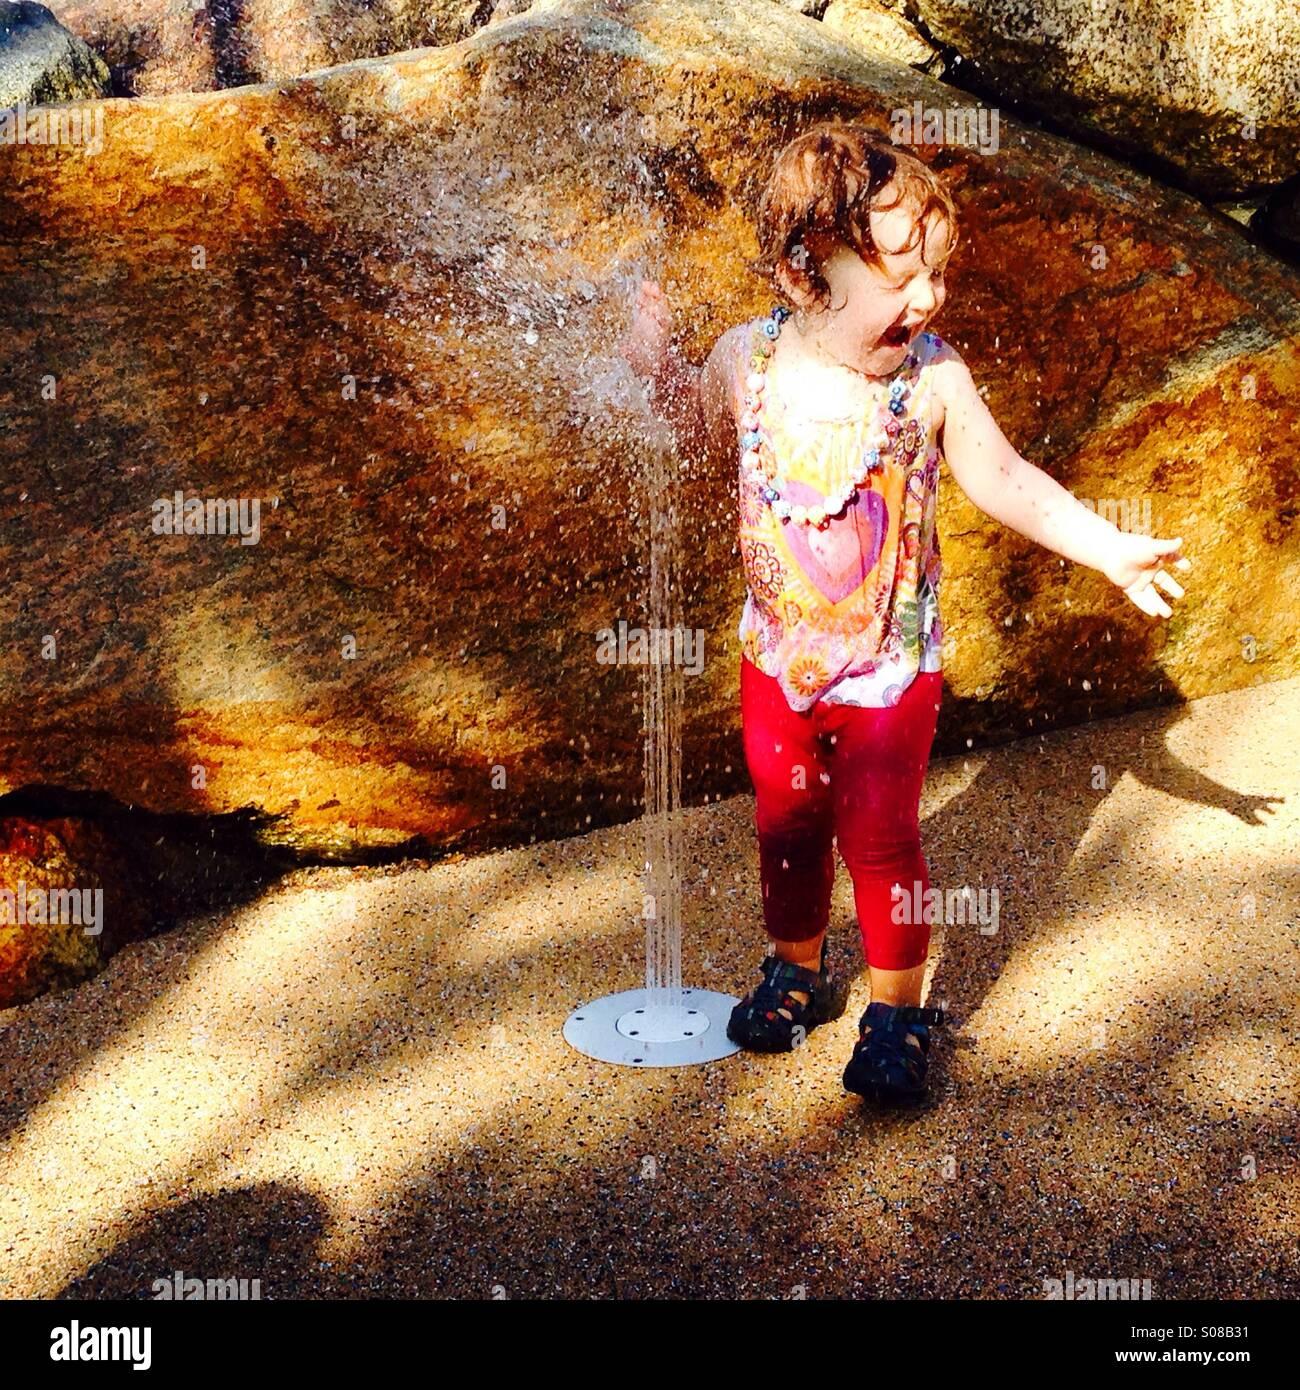 Kleines Mädchen im Splash pad Stockbild